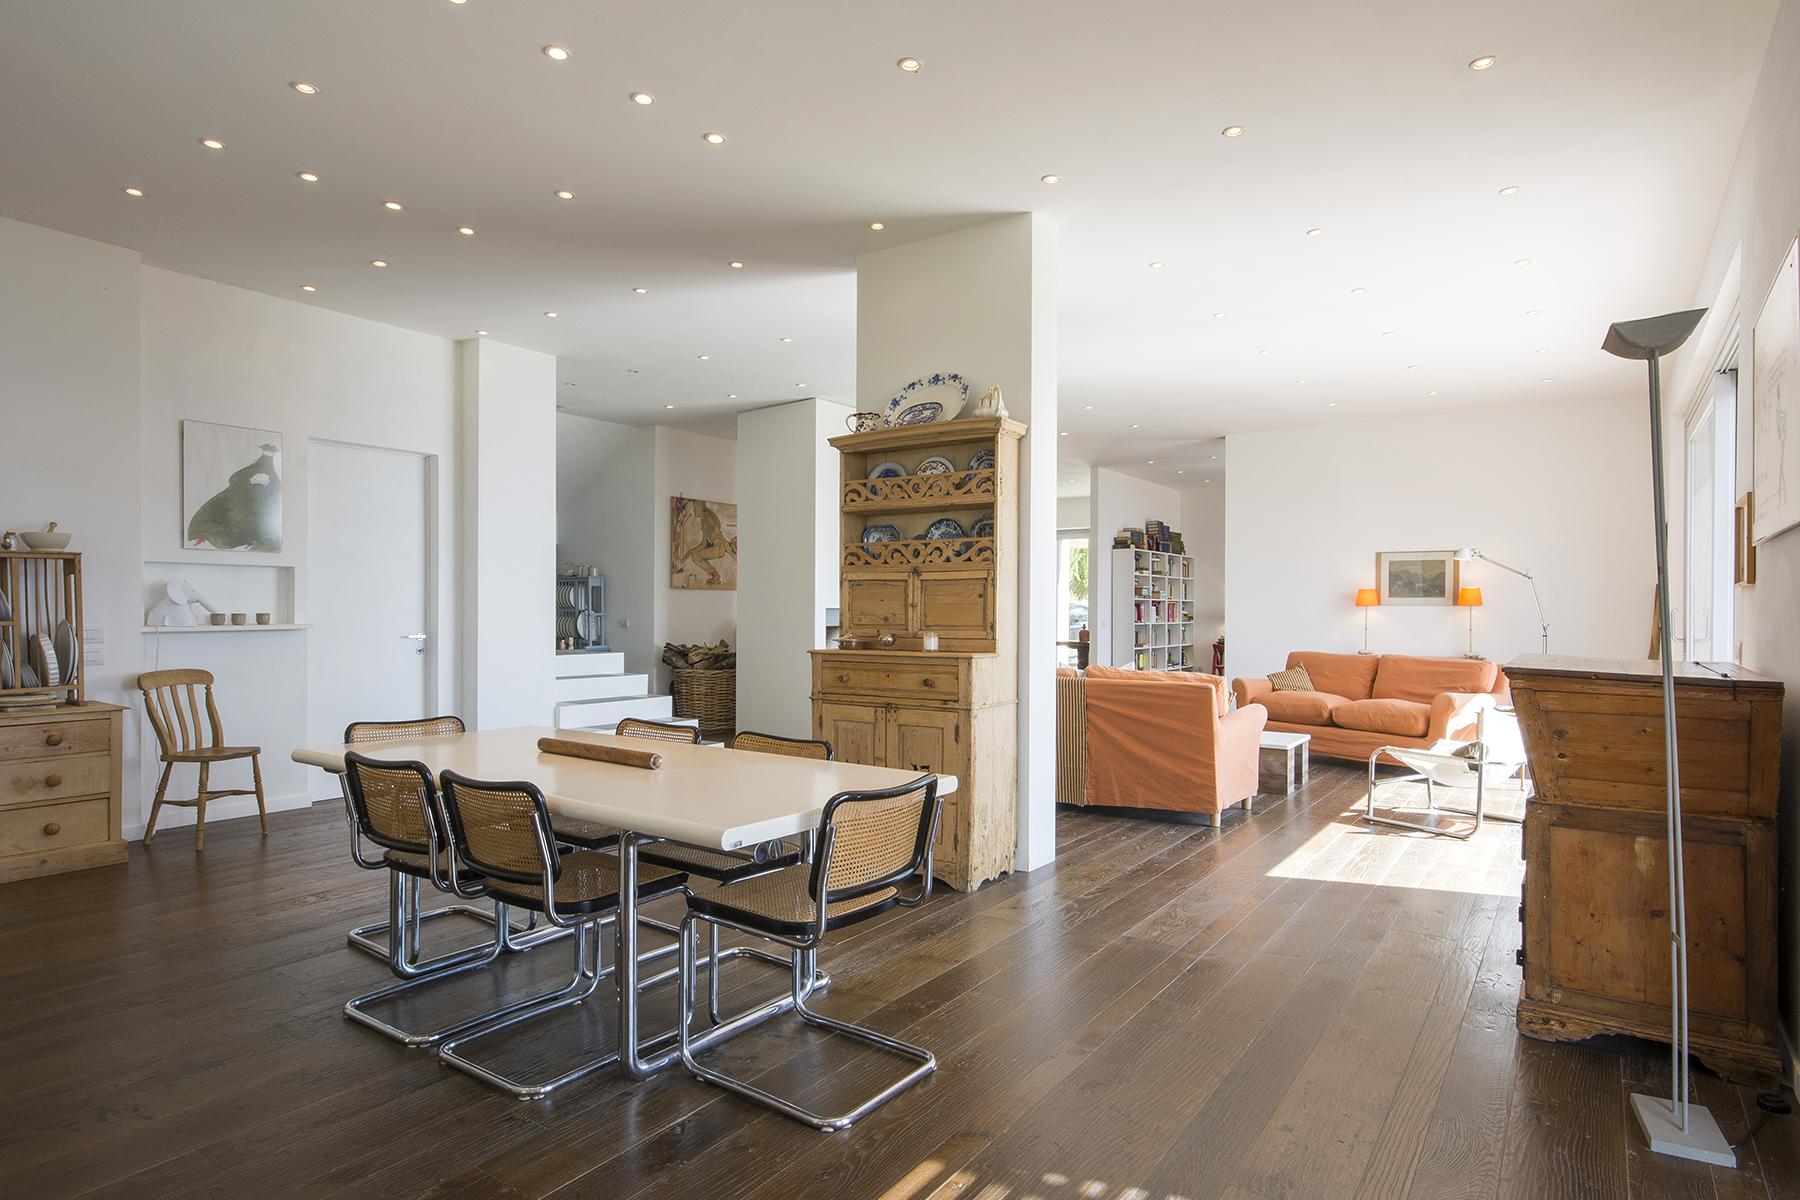 Casa indipendente in Vendita a Lisciano Niccone: 5 locali, 414 mq - Foto 16